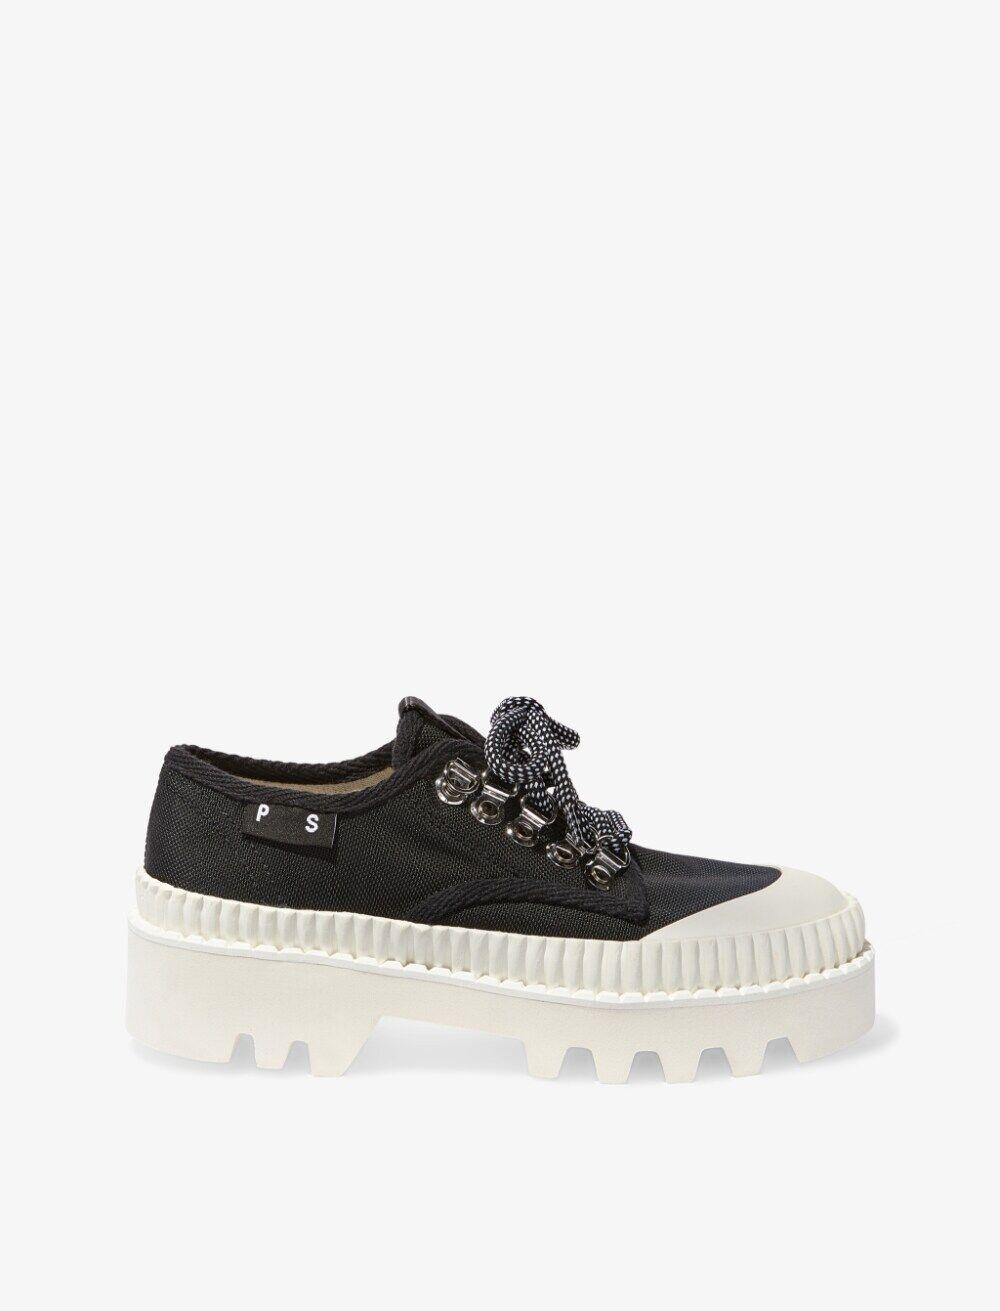 Proenza Schouler City Lug Sole Shoes black 40